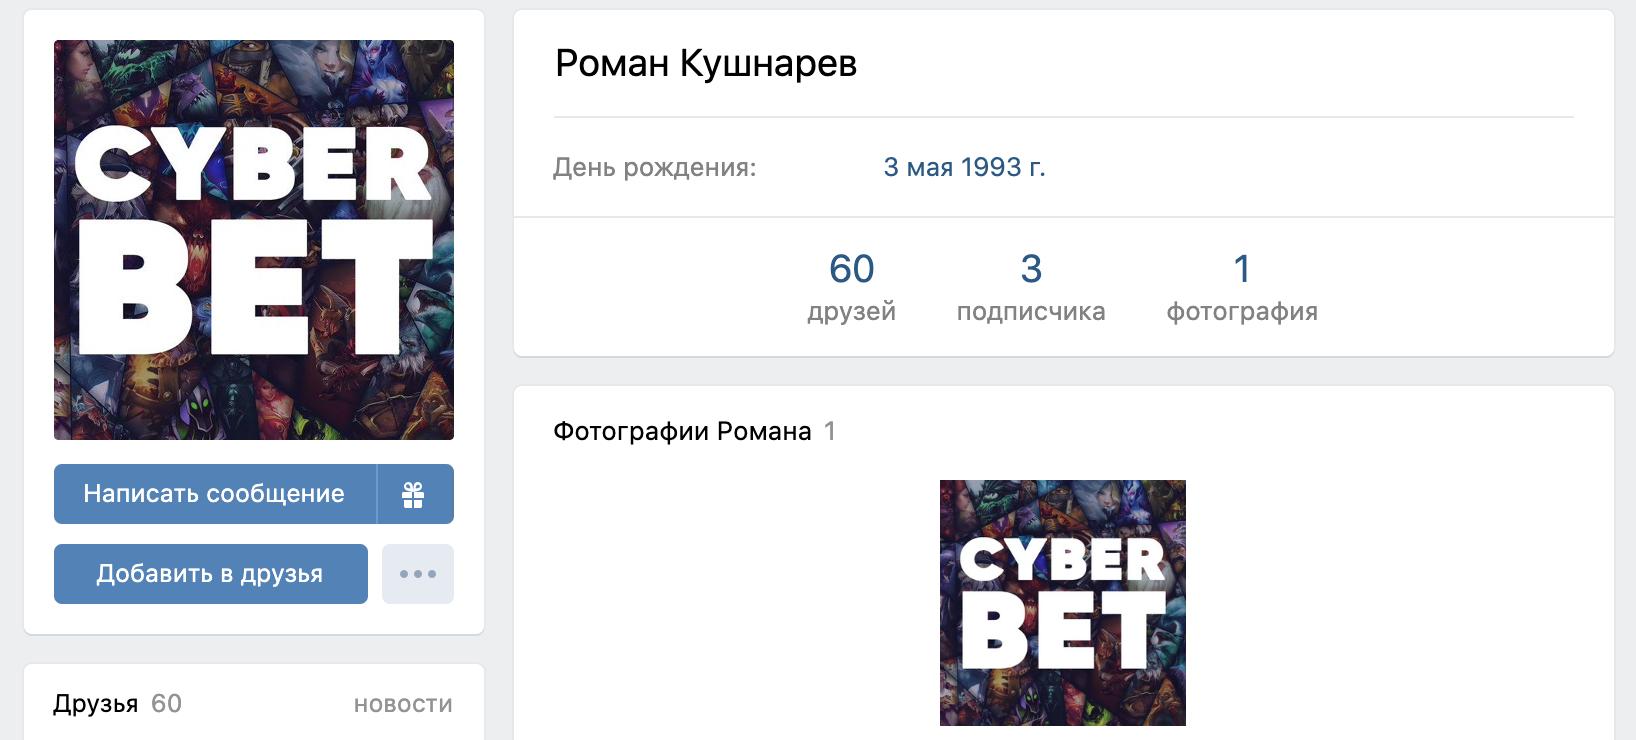 Страница Вконтакте основателя Cyberbet